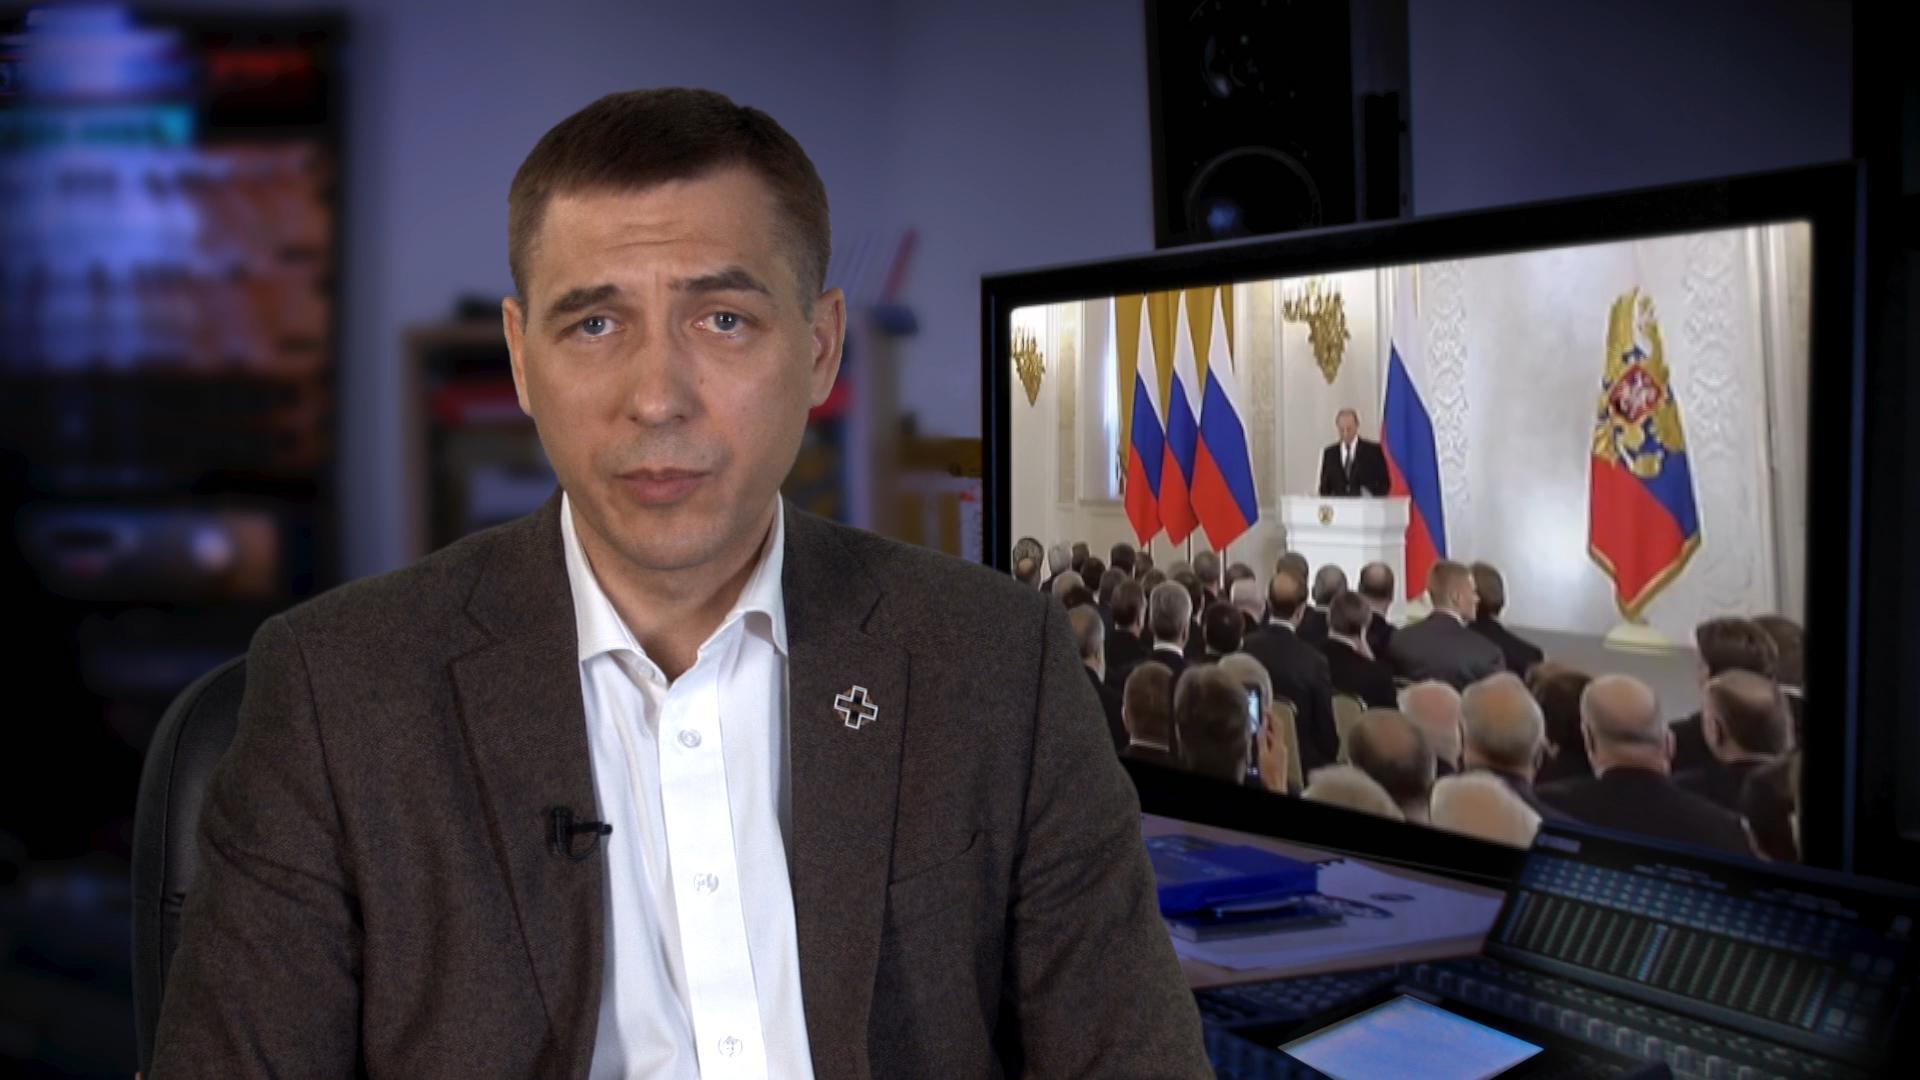 Игорь Романов: «Россия подготавливается к быстрому и глубочайшему переформатированию» (16.03.19)